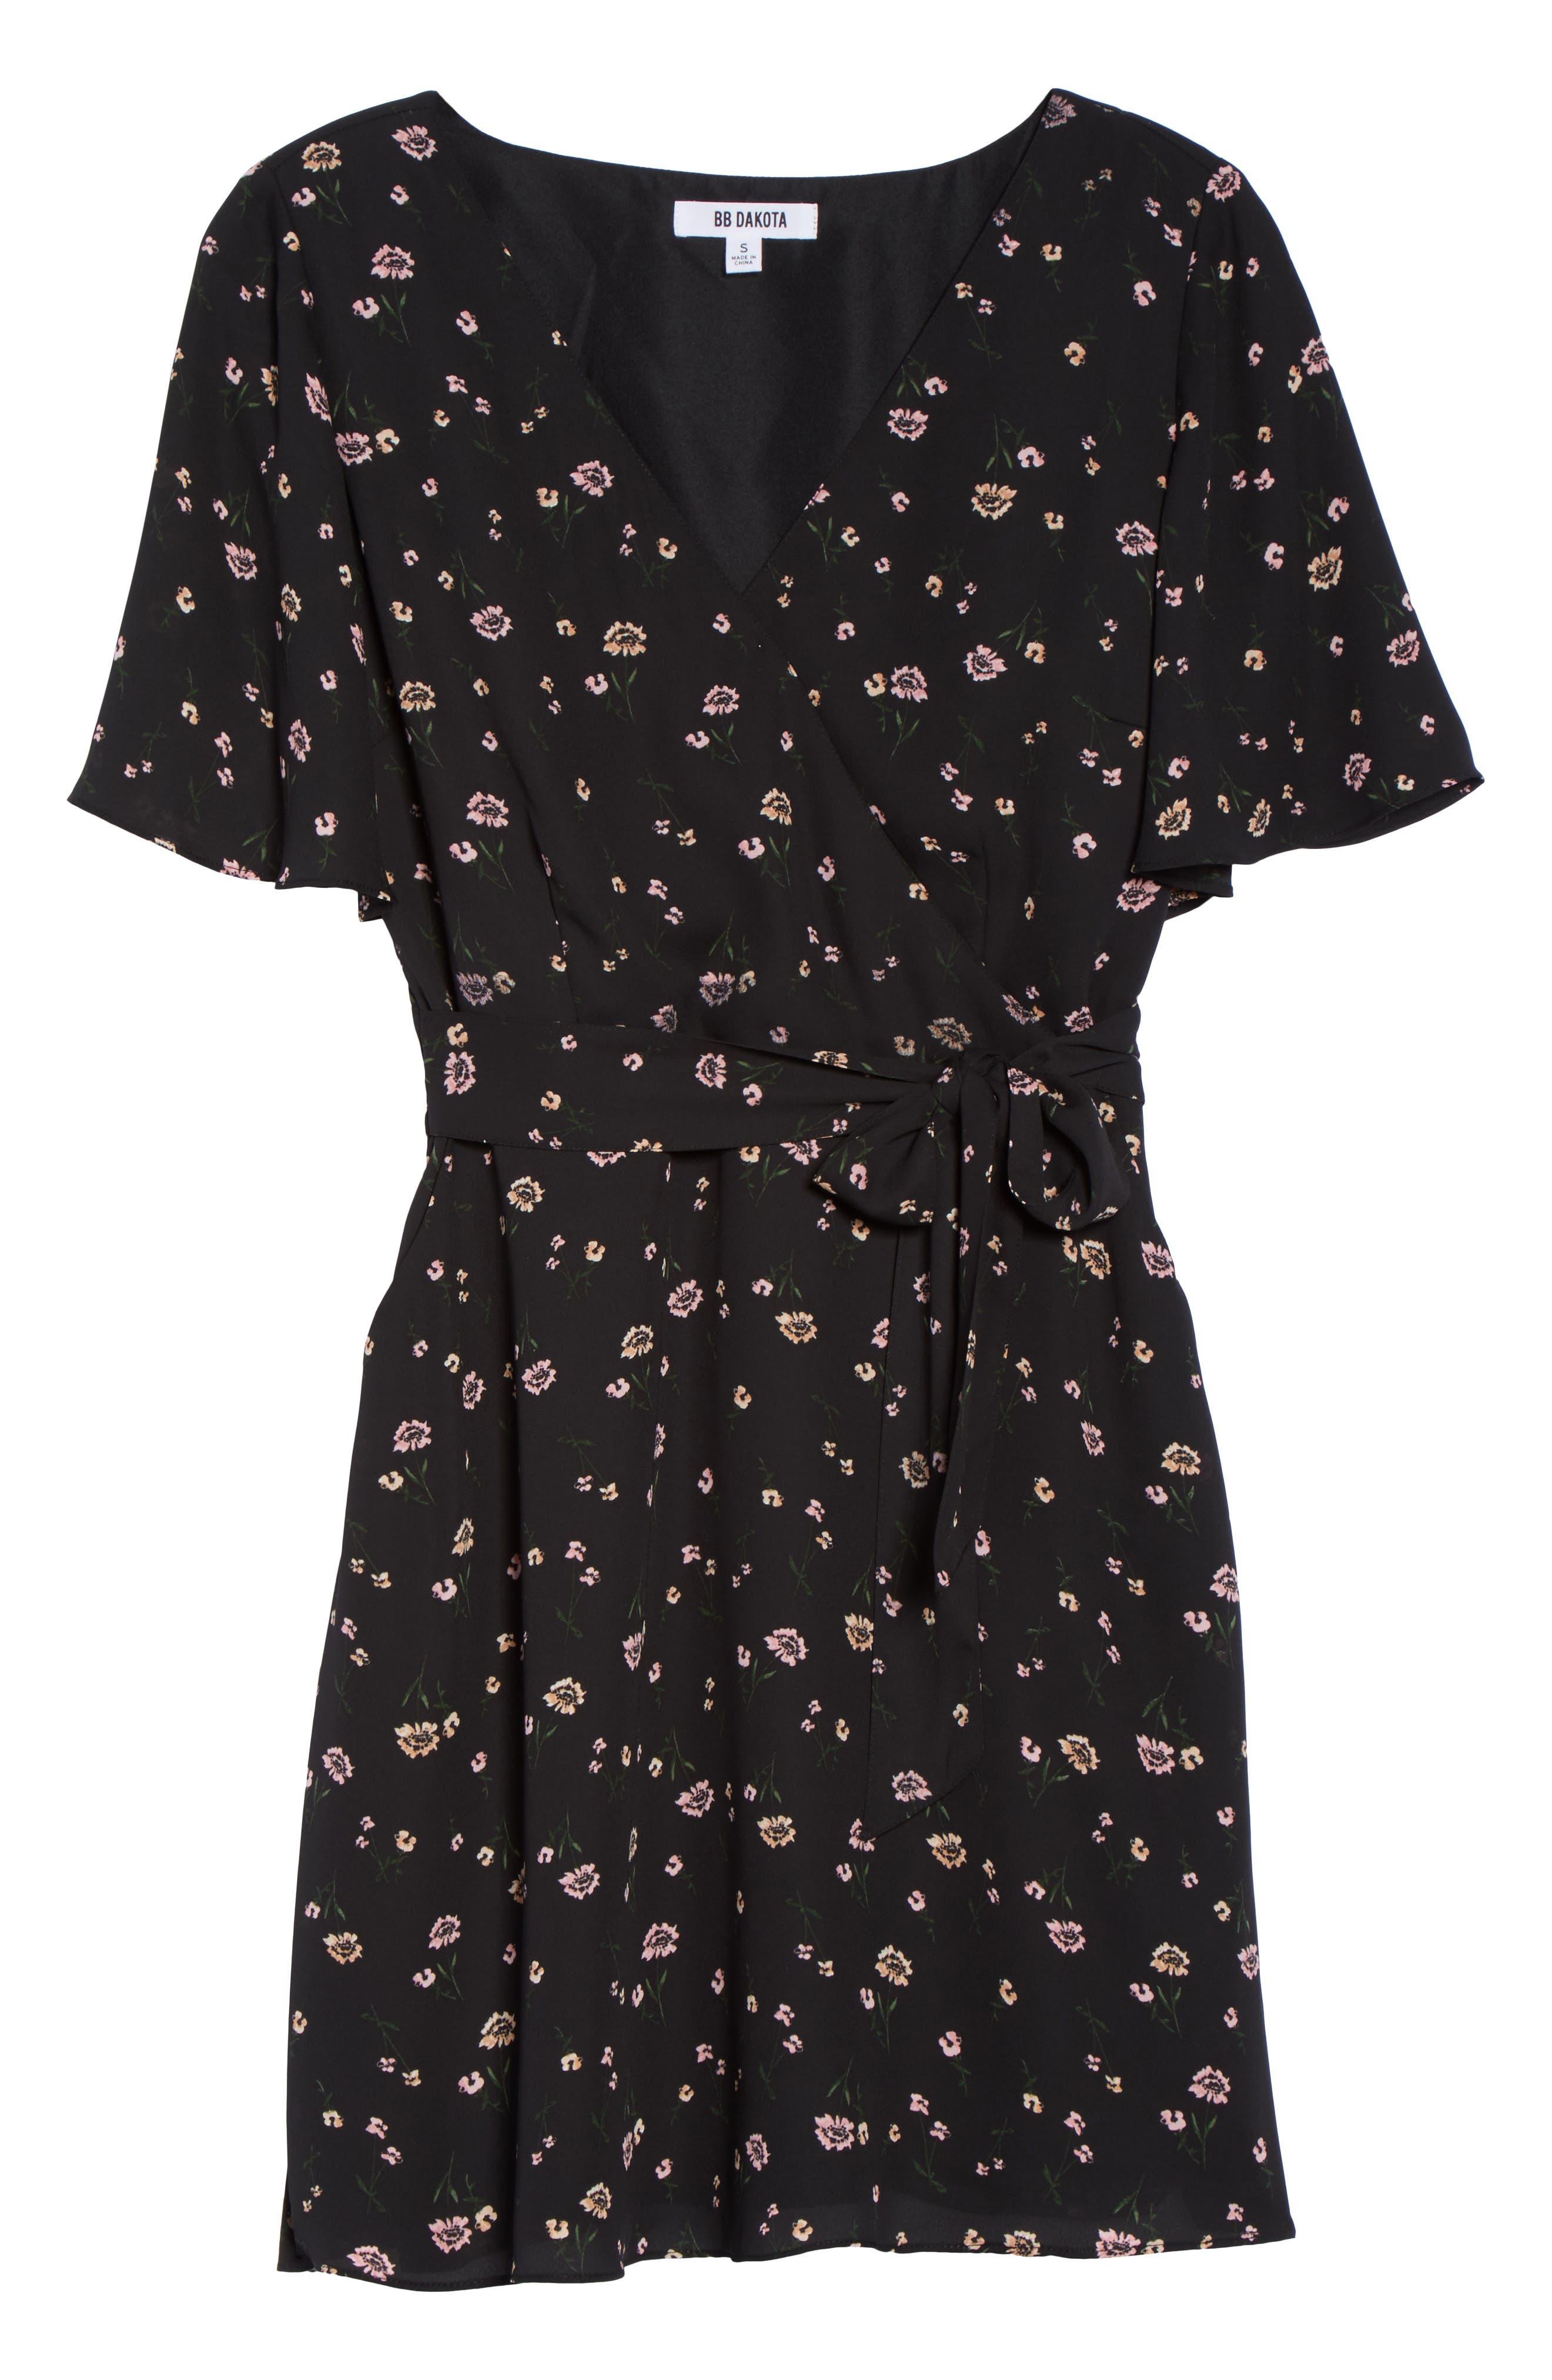 Lettie Dress,                             Alternate thumbnail 6, color,                             001